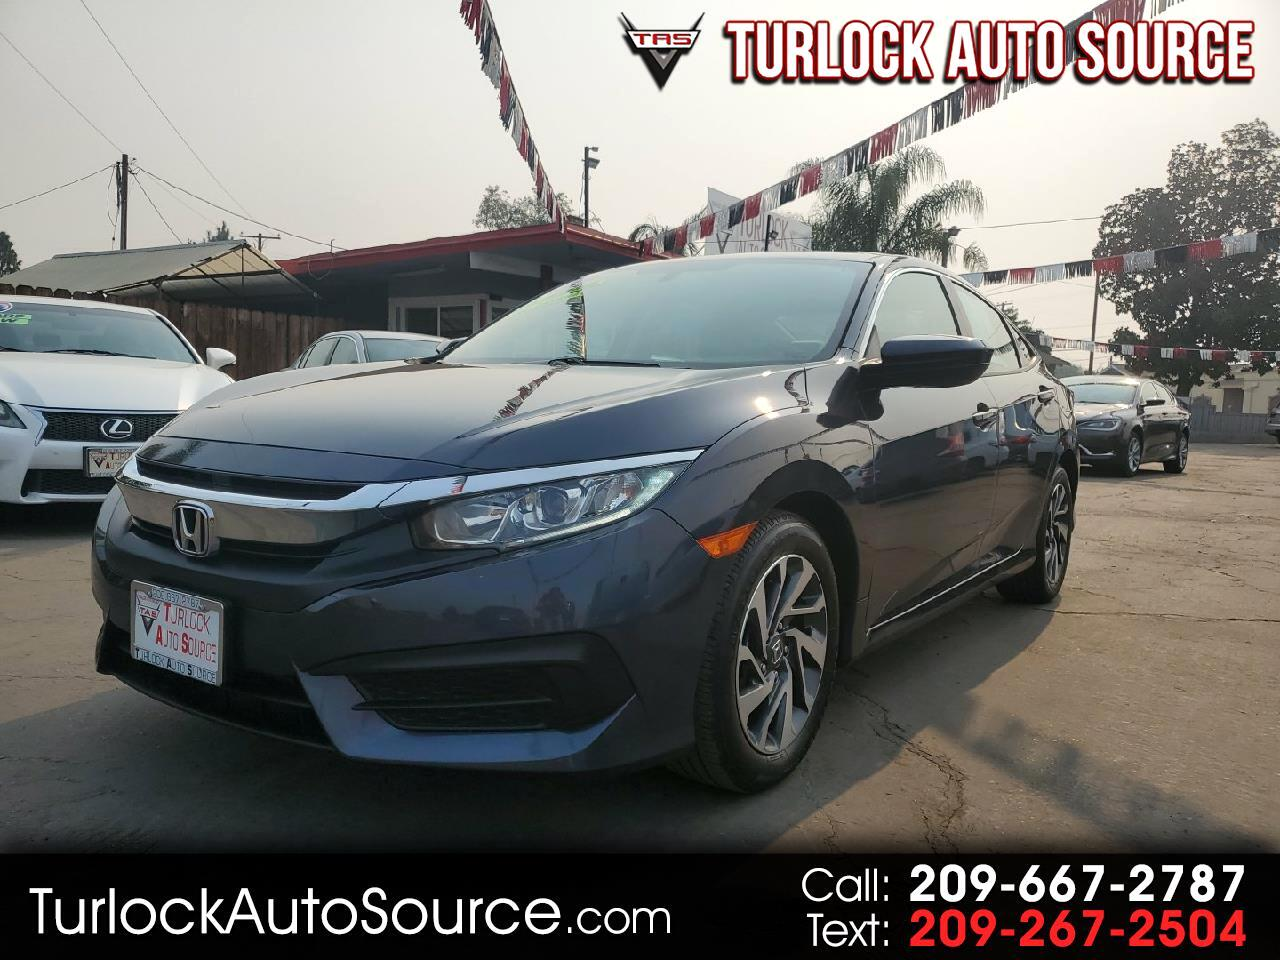 used cars turlock ca used cars trucks ca turlock auto source used cars trucks ca turlock auto source